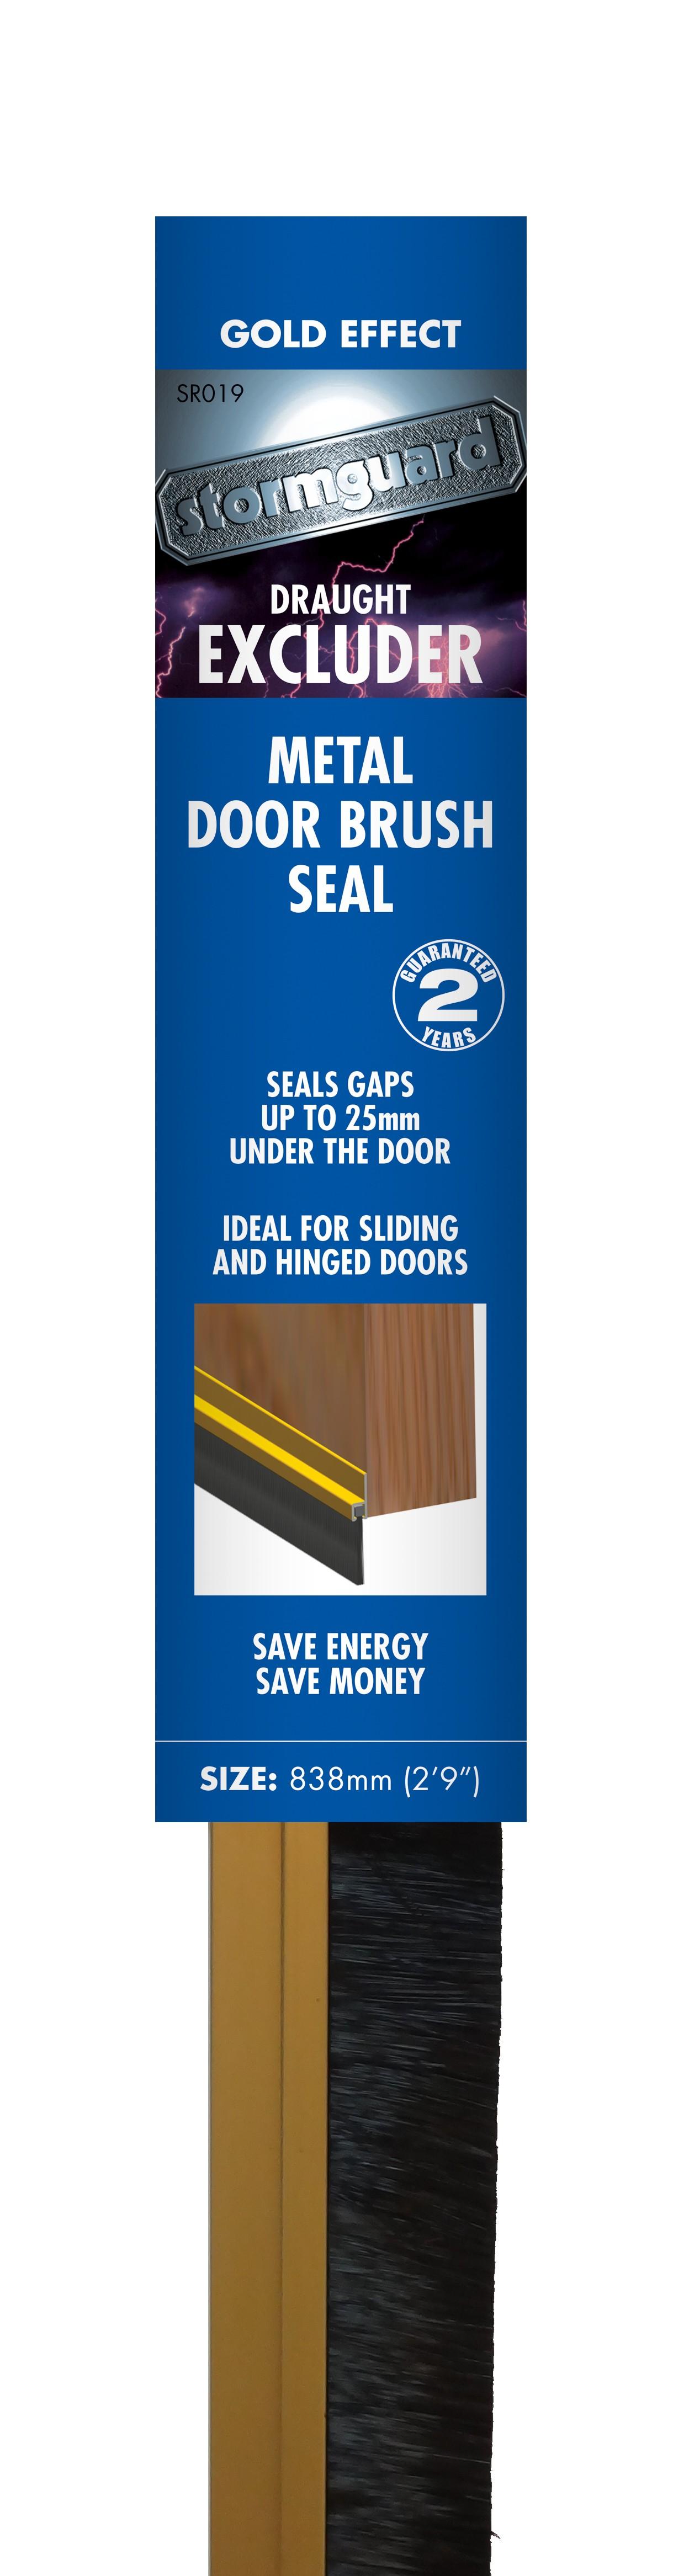 ... Aluminium Brush Bottom Door Seal  sc 1 st  Stormguard & Aluminium Brush Bottom Door Seal u2014 Stormguard pezcame.com